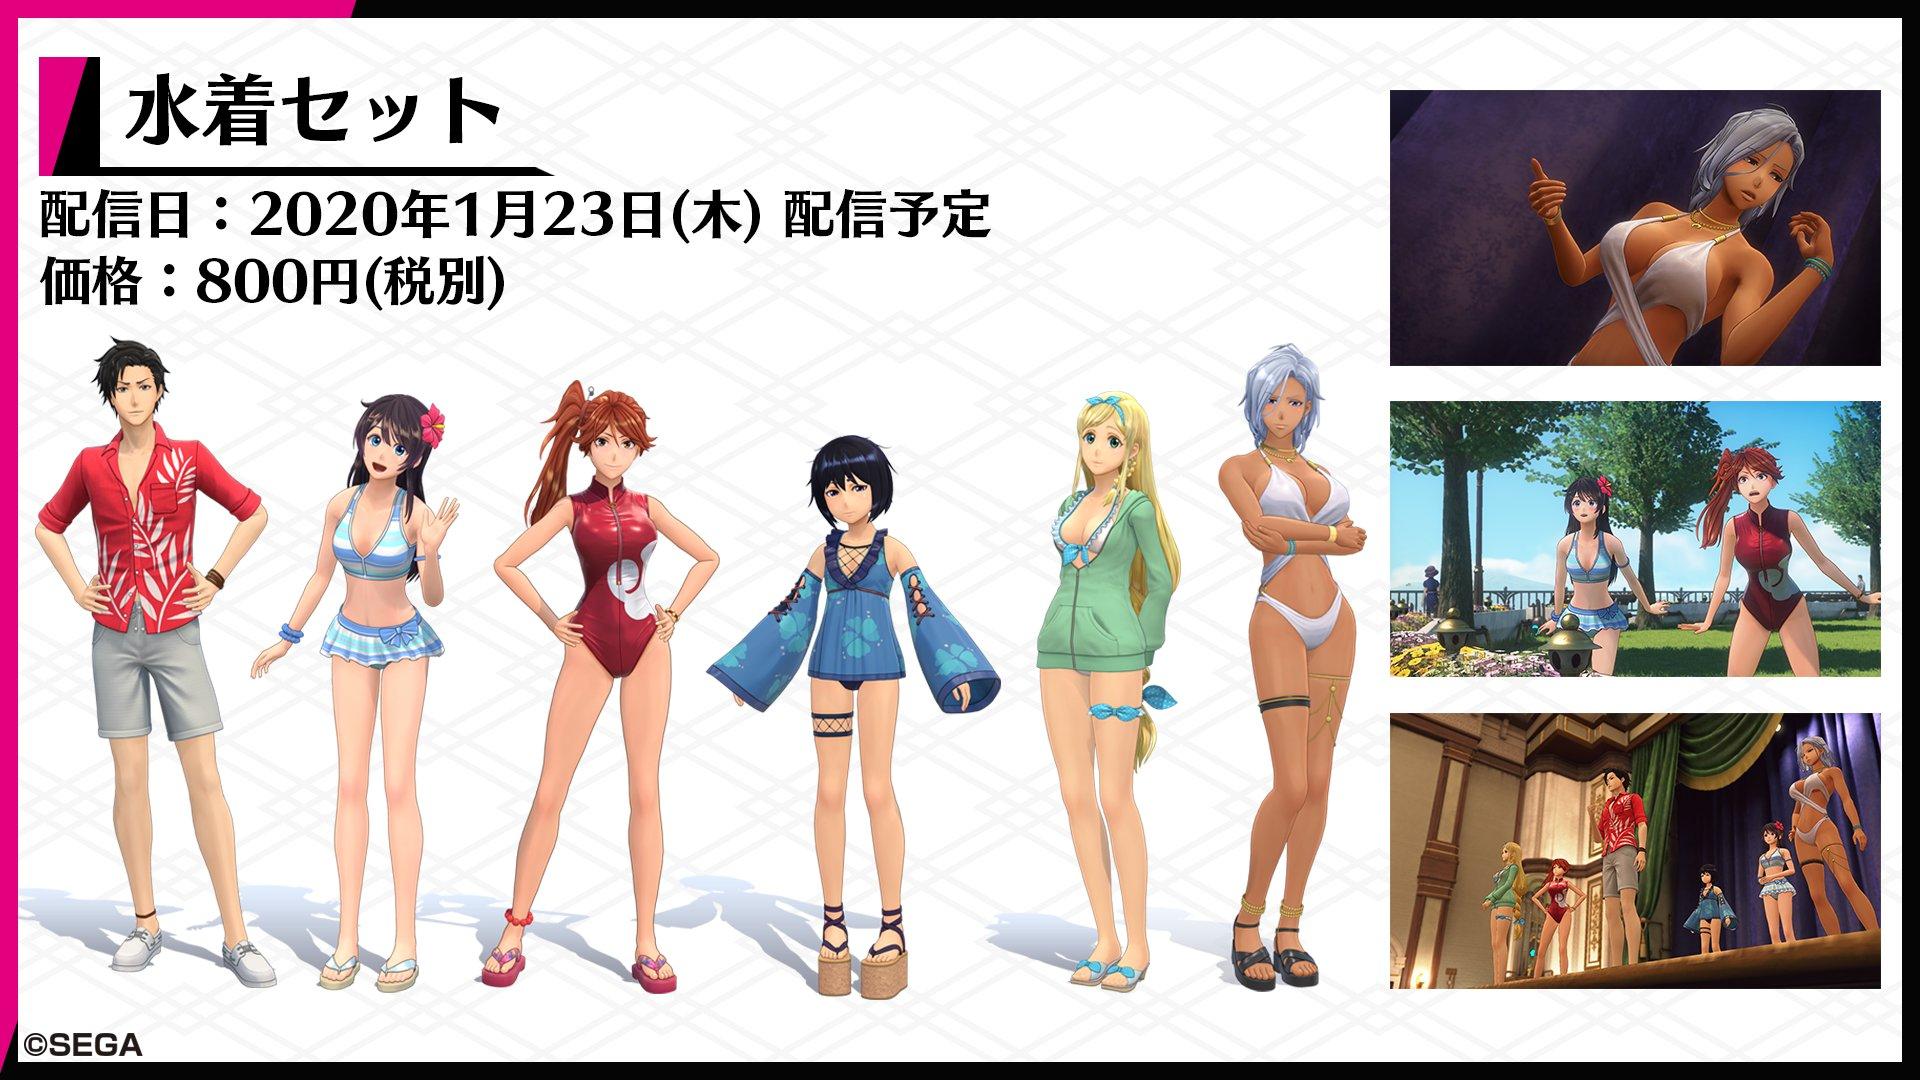 Project-Sakura-Wars-DLC-DualShockers-8.jpg